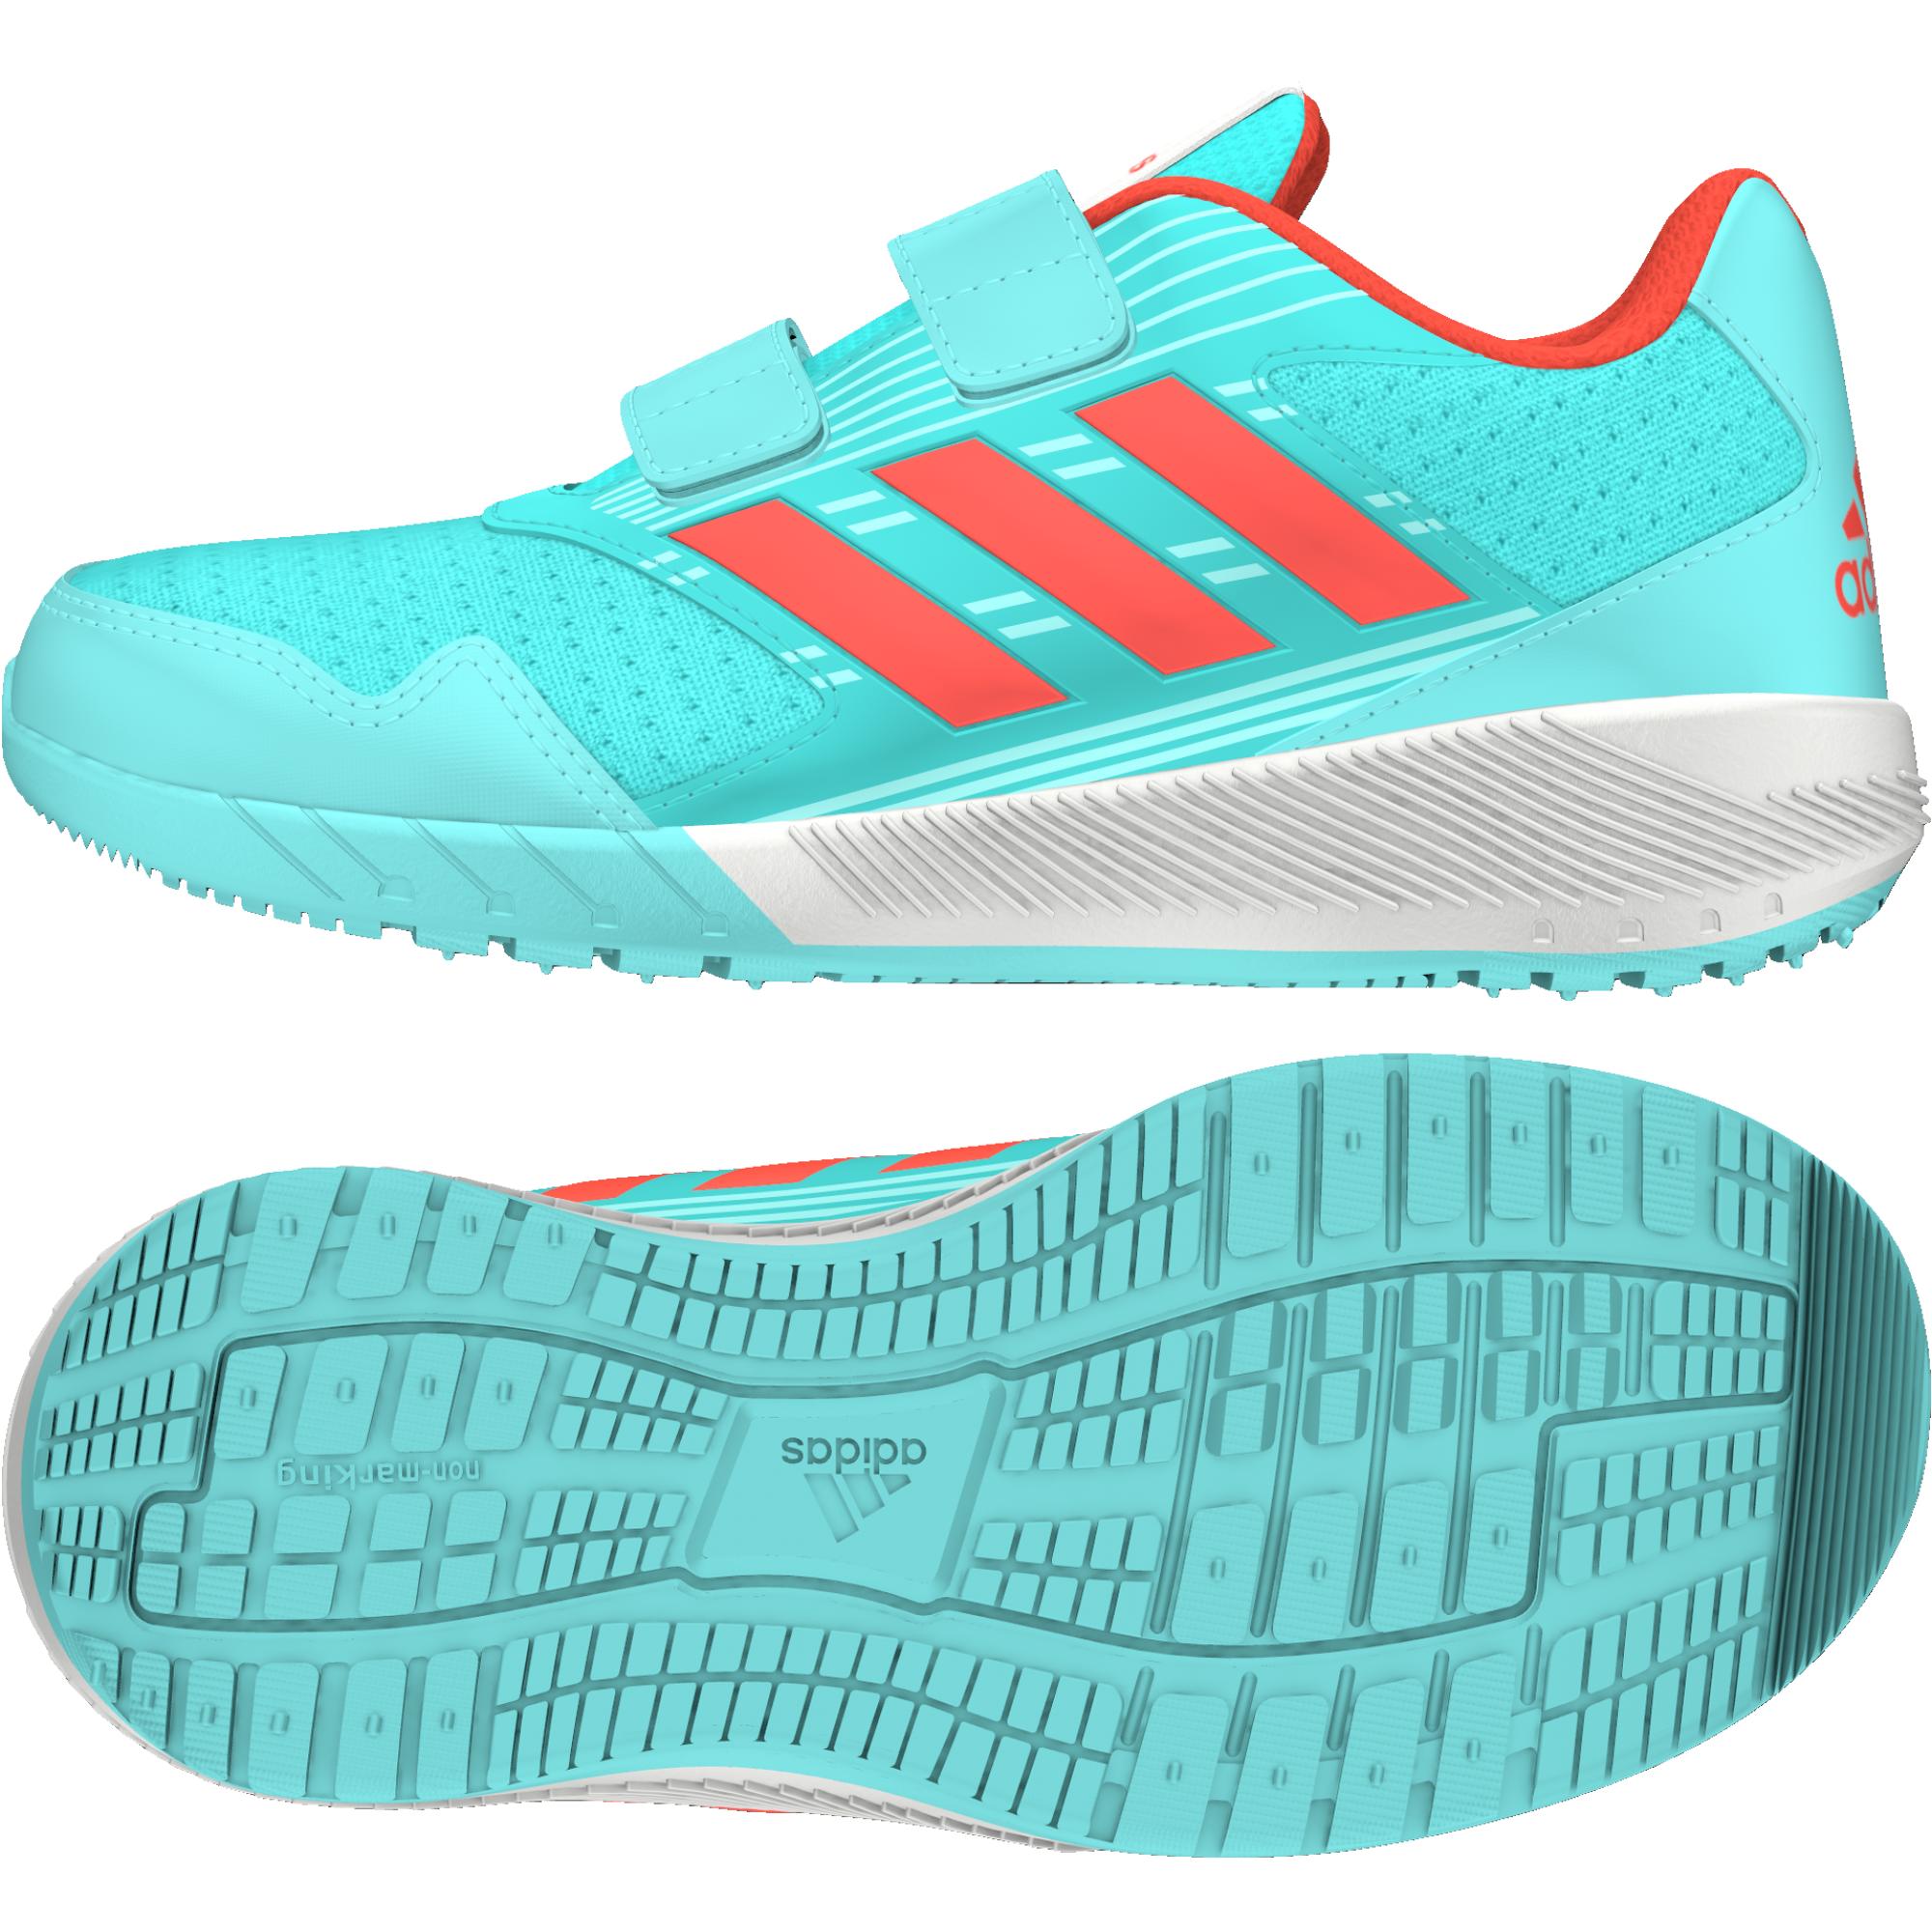 f38c25d8d57f Adidas Altarun Cf K kislány utcai cipő , Lány Gyerek cipő | utcai cipő |  adidas_performance | Adidas Altarun Cf K kislány utcai cipő